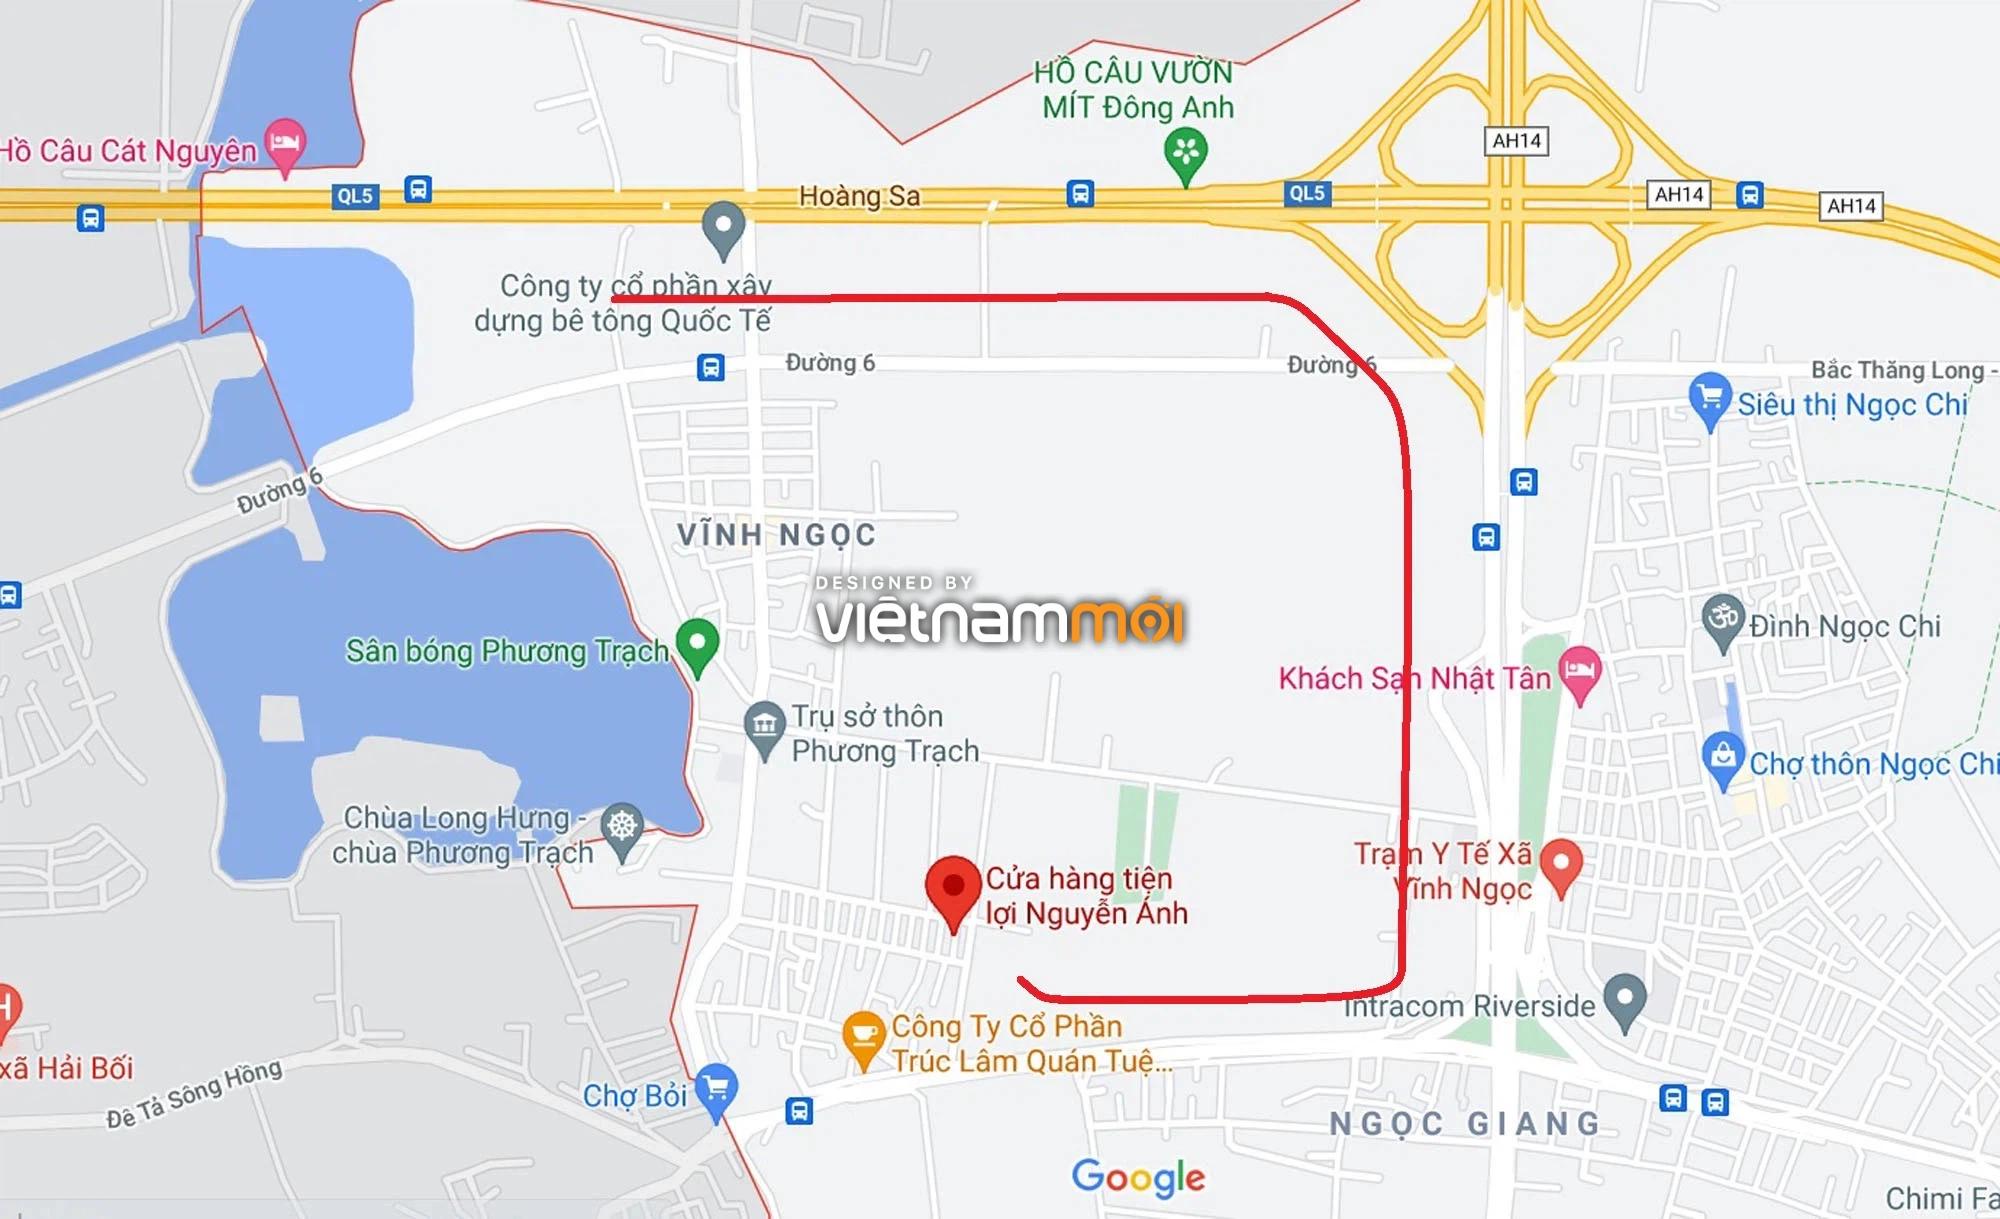 Đường sẽ mở theo quy hoạch xung quanh dự án Thành phố Thông minh Bắc Hà Nội (phần 1) - Ảnh 10.